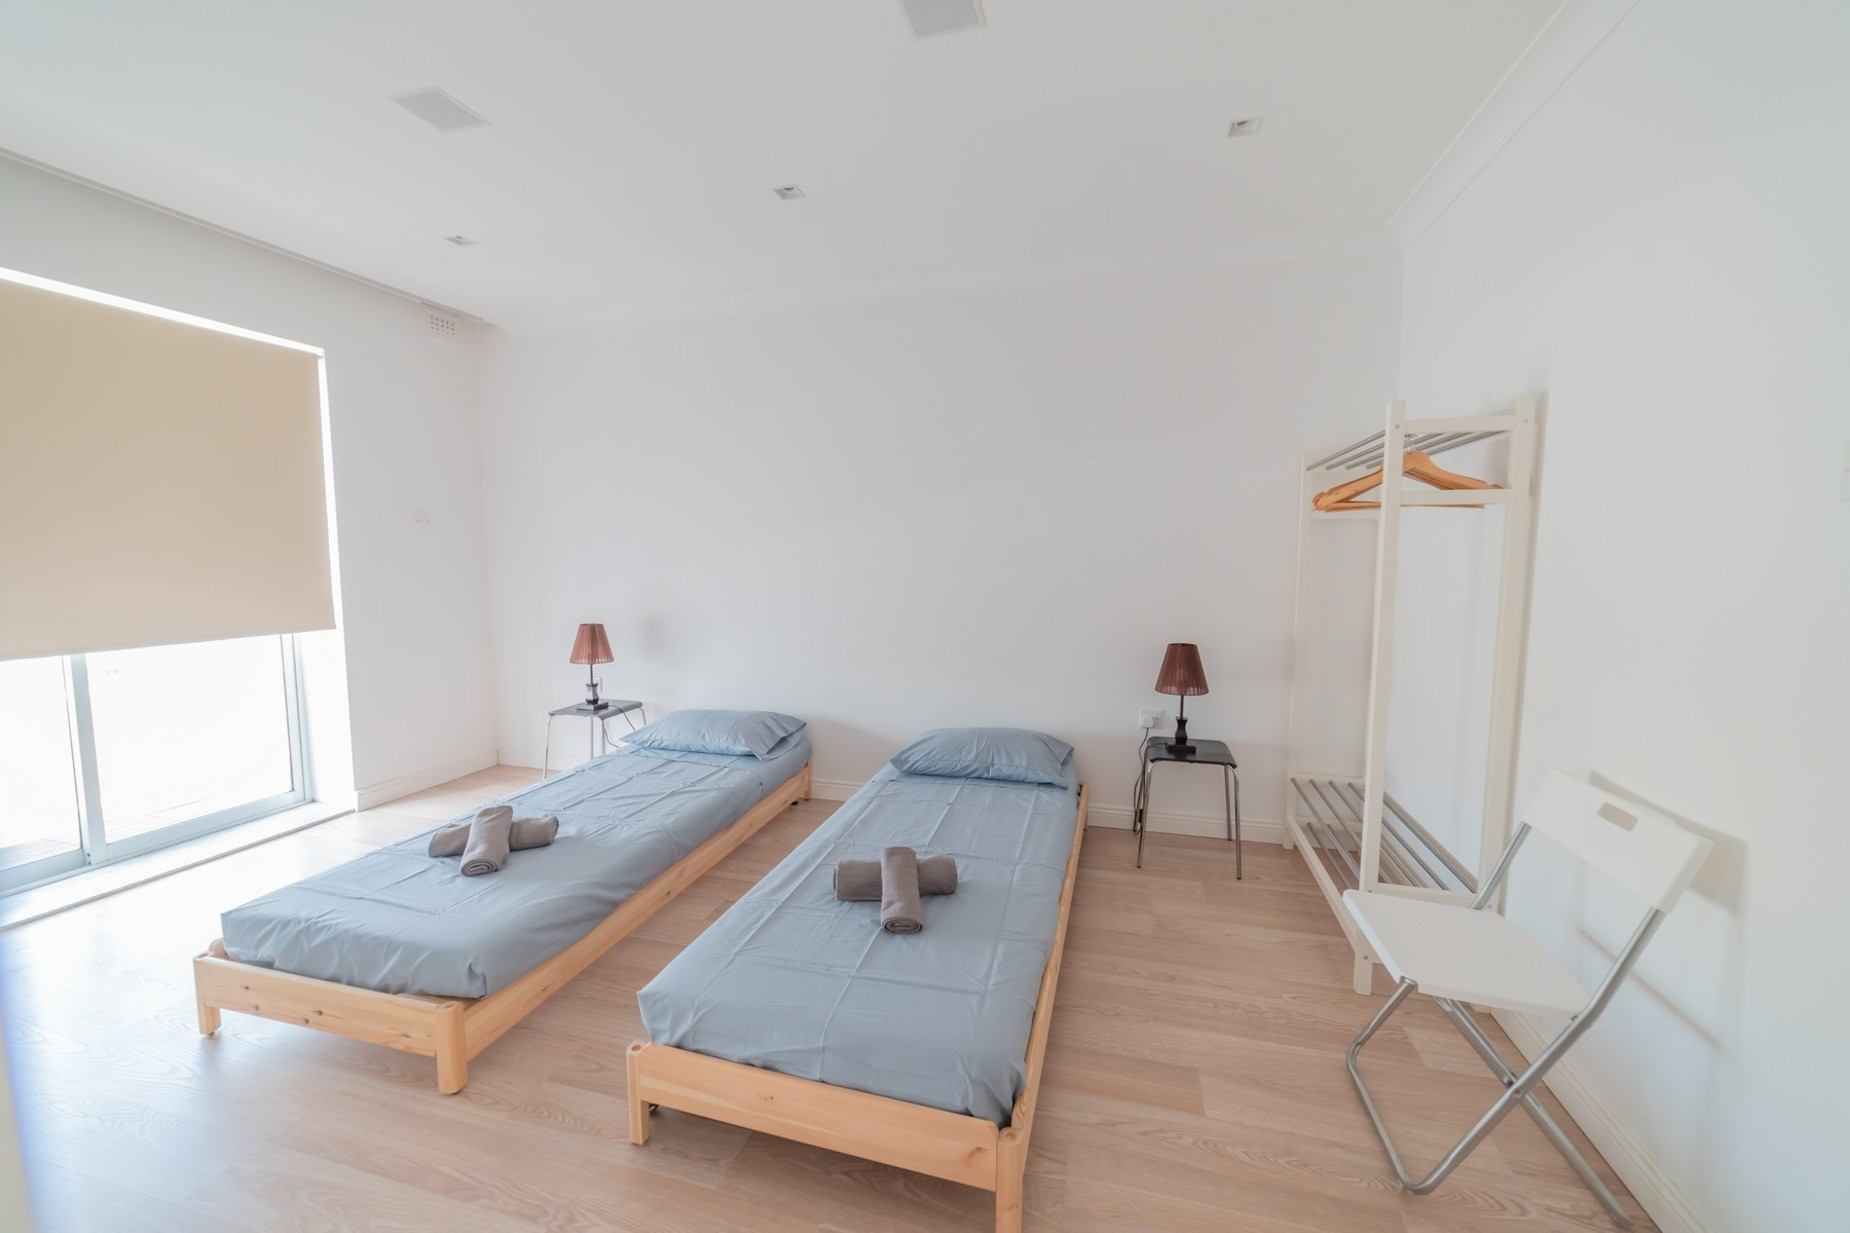 3 bed Apartment For Rent in Pieta, Pieta - thumb 17